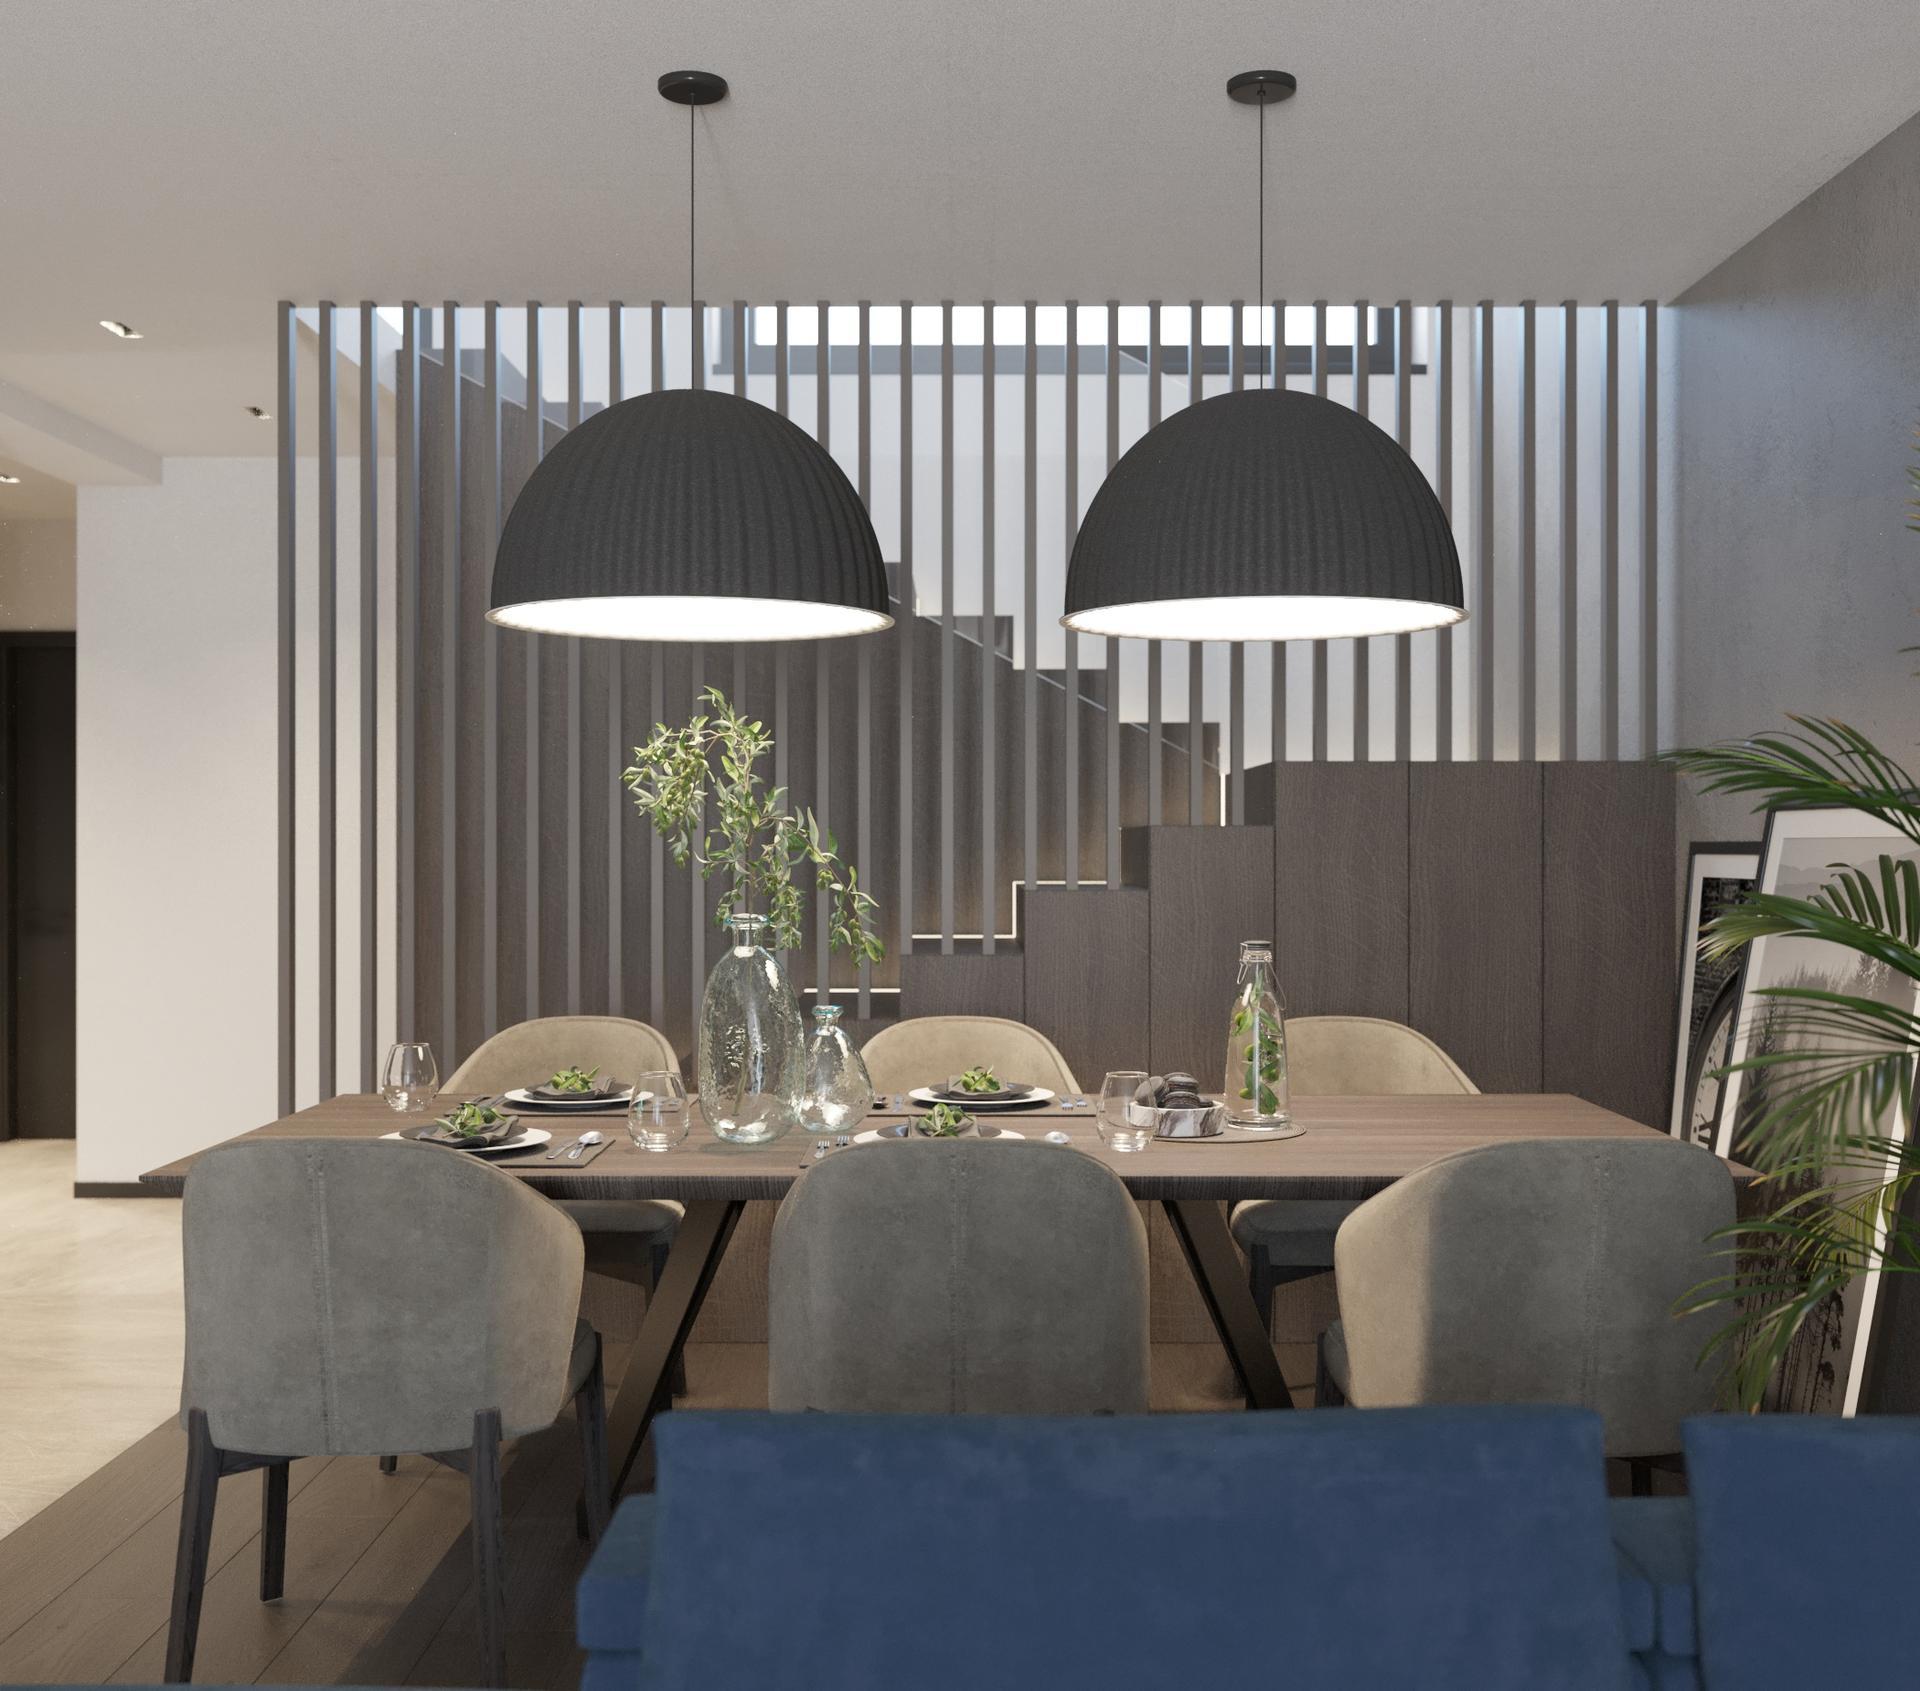 Návrh interiérového dizajnu :) - Obrázok č. 6